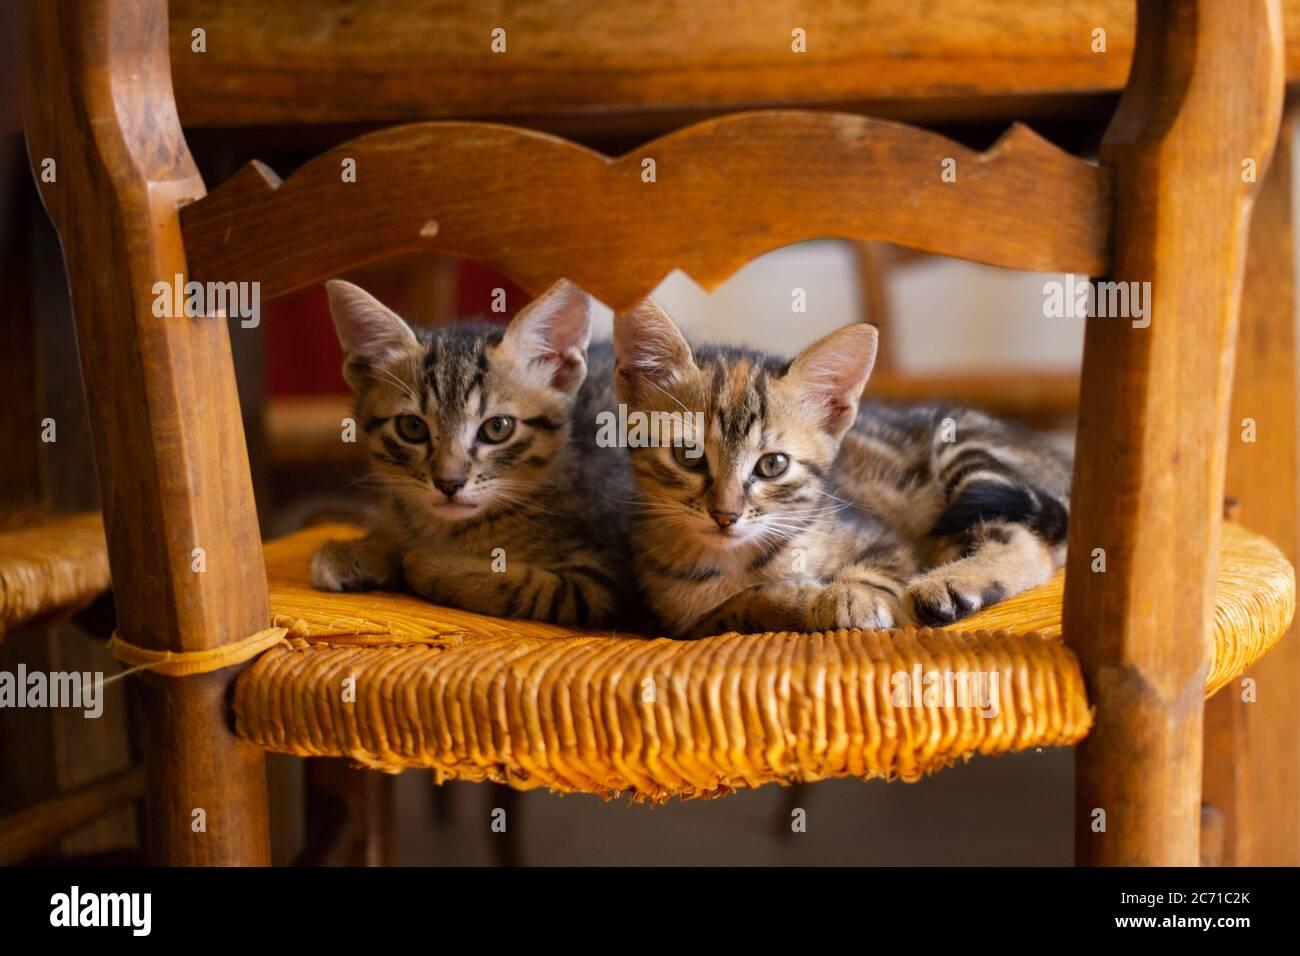 Deux chatons en tabby mignons étaient assis sur une chaise en osier. Banque D'Images